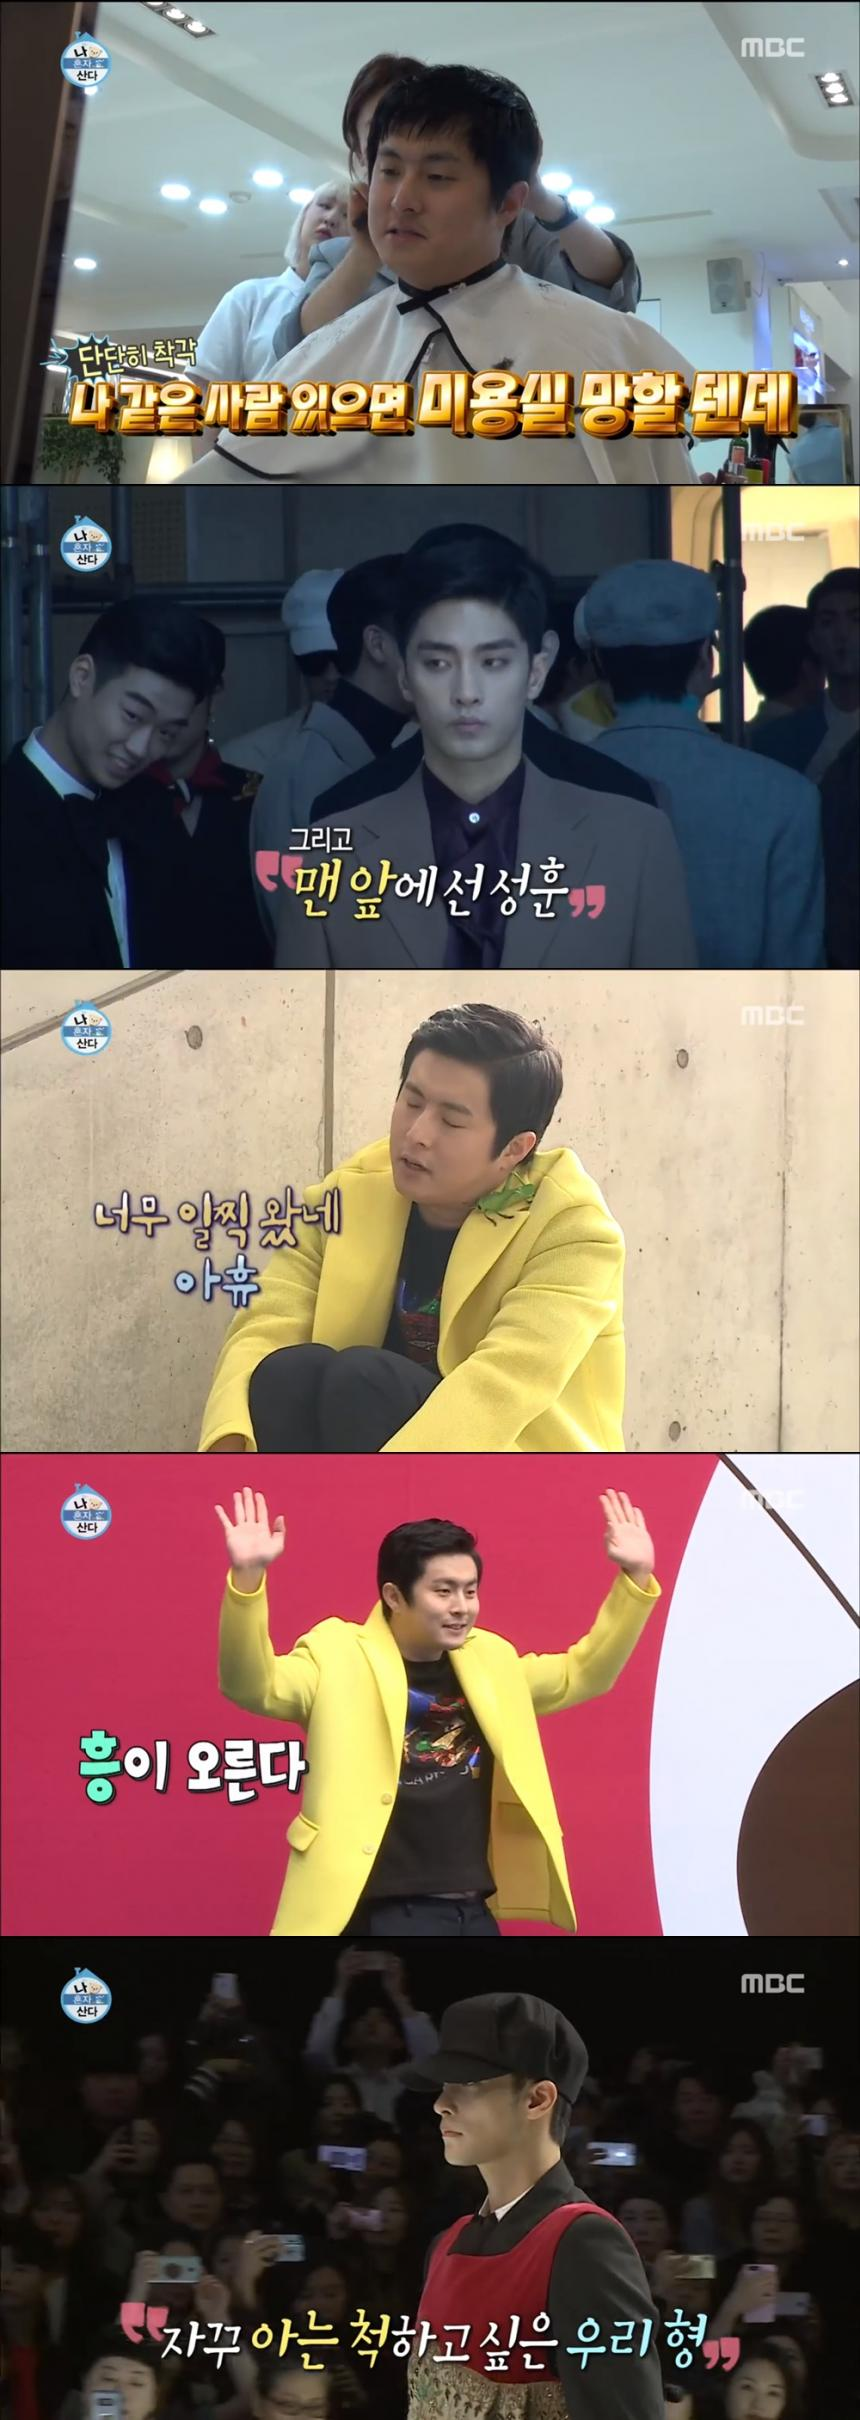 MBC '나 혼자 산다' 방송 캡쳐